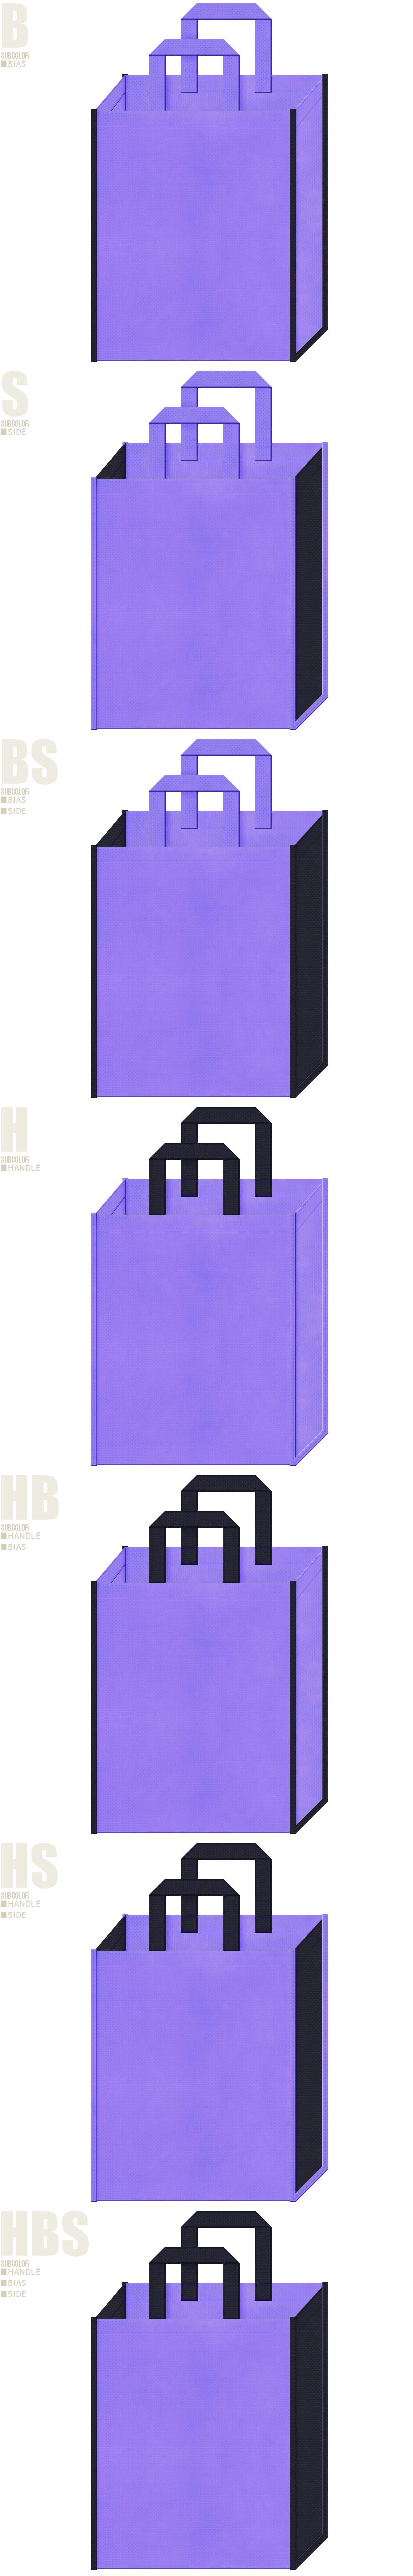 薄紫色と濃紺色の配色7パターン:不織布トートバッグのデザイン。天体観測・プラネタリウム・星座のイメージにお奨めの配色です。